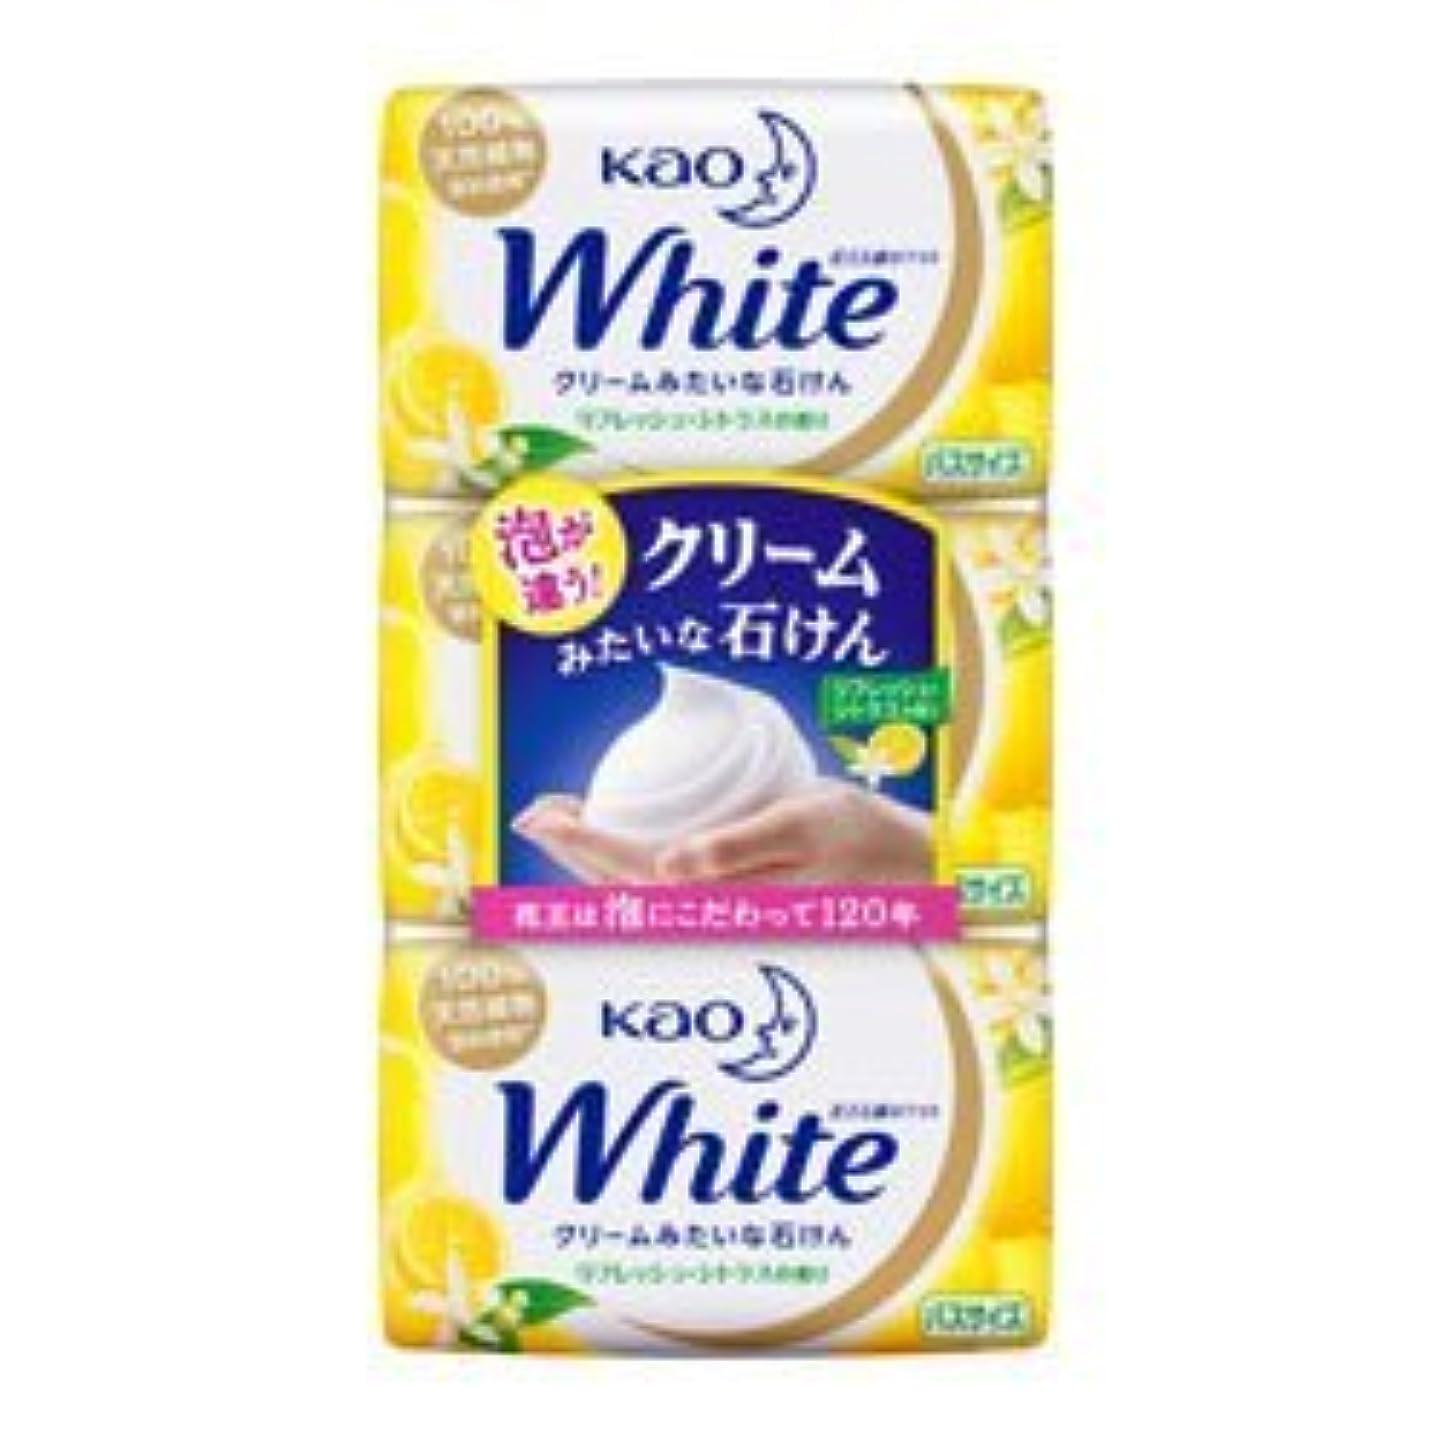 直面する慣れている逆さまに【花王】ホワイト リフレッシュ?シトラスの香り バスサイズ 130g×3個入 ×3個セット